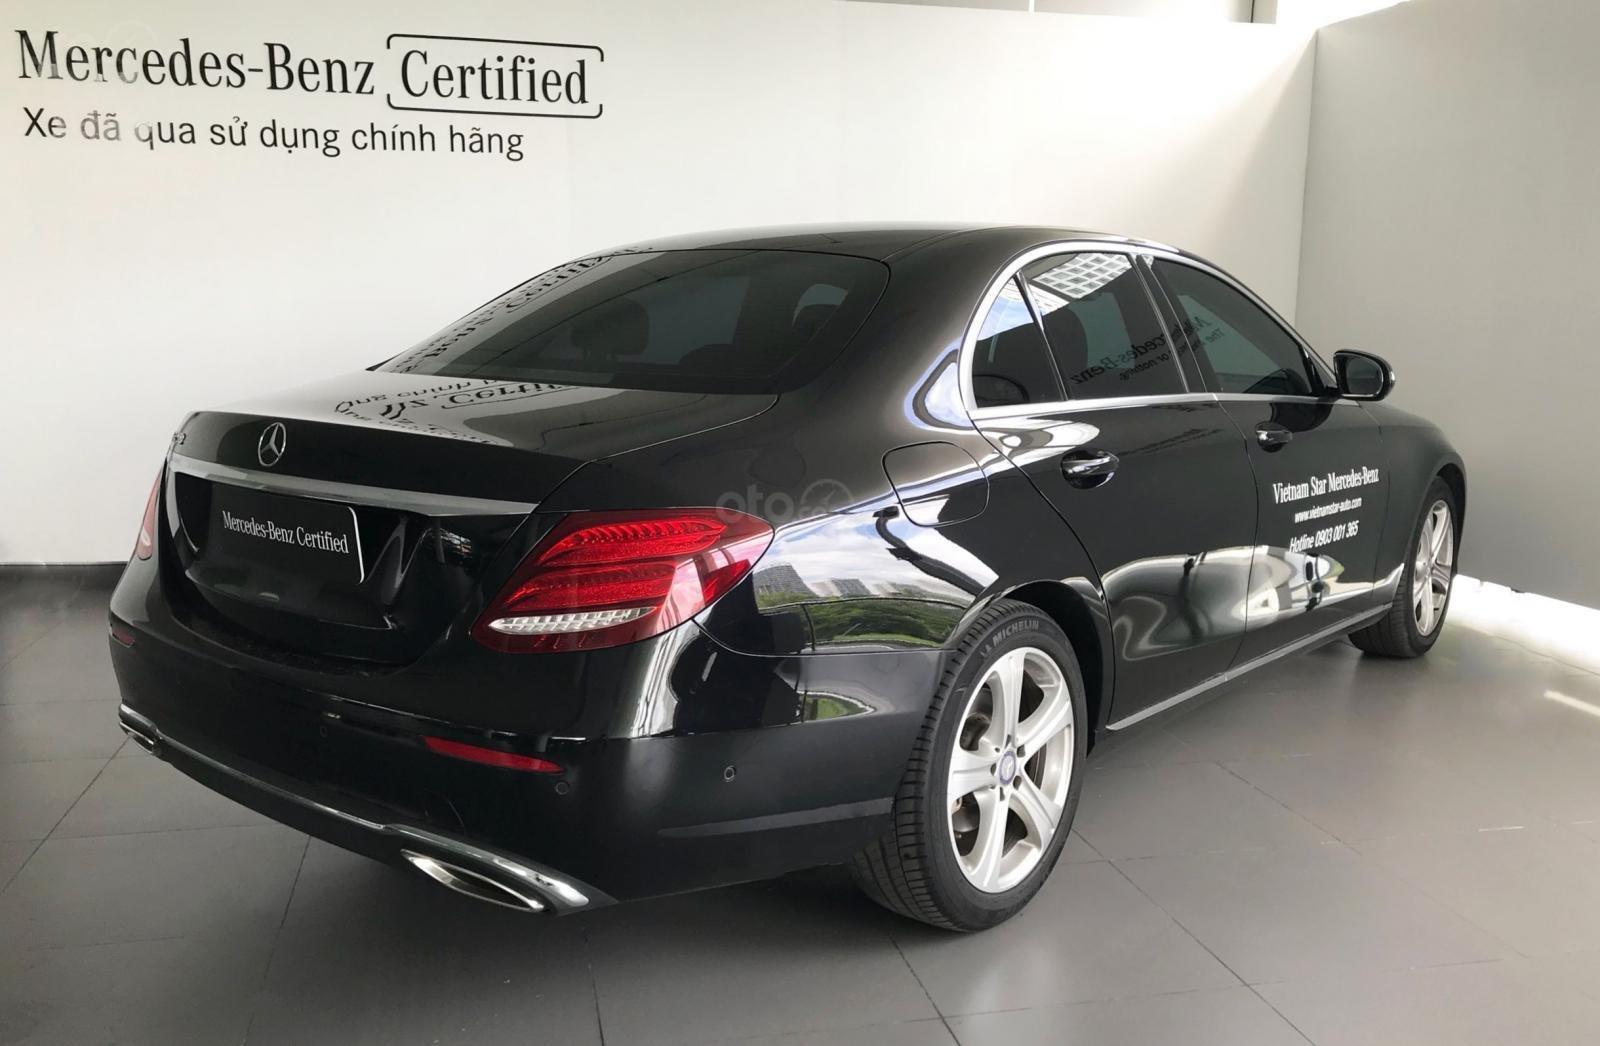 Mercedes E250 đăng ký 2018, lướt 14.000km, xe chính hãng bao test, giá 2,079 tỷ-2